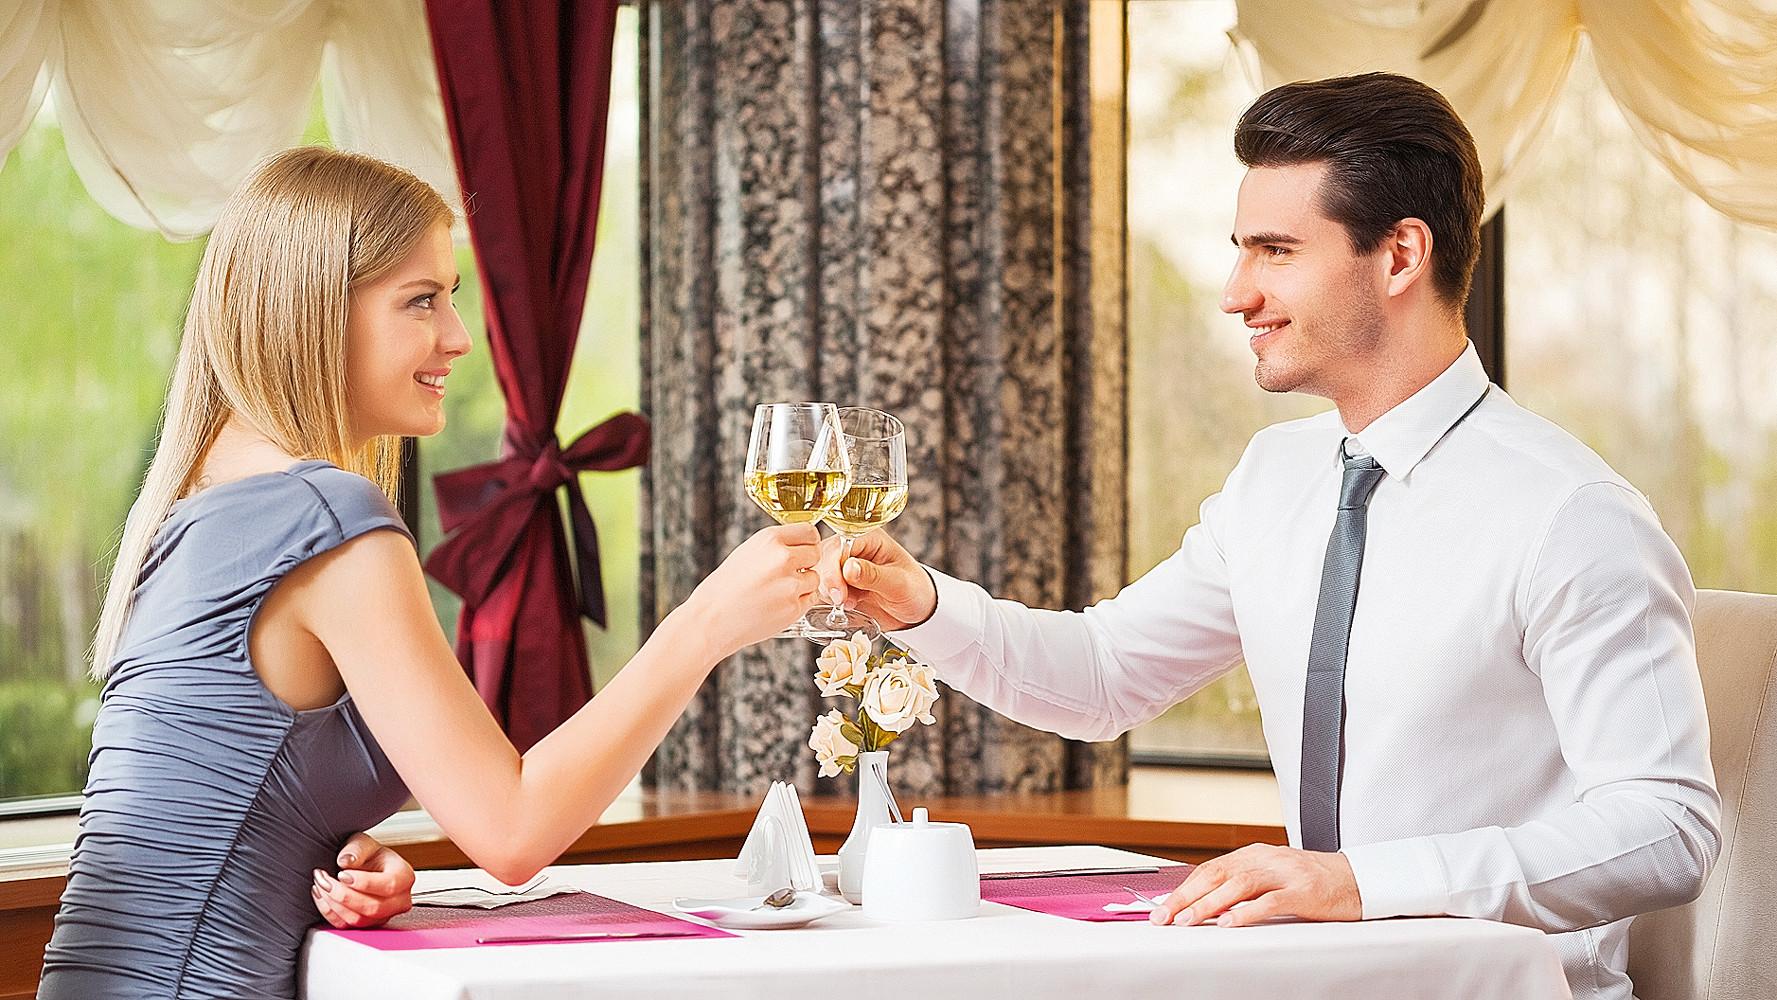 Правила хорошего тона в ресторане: популярные ошибки